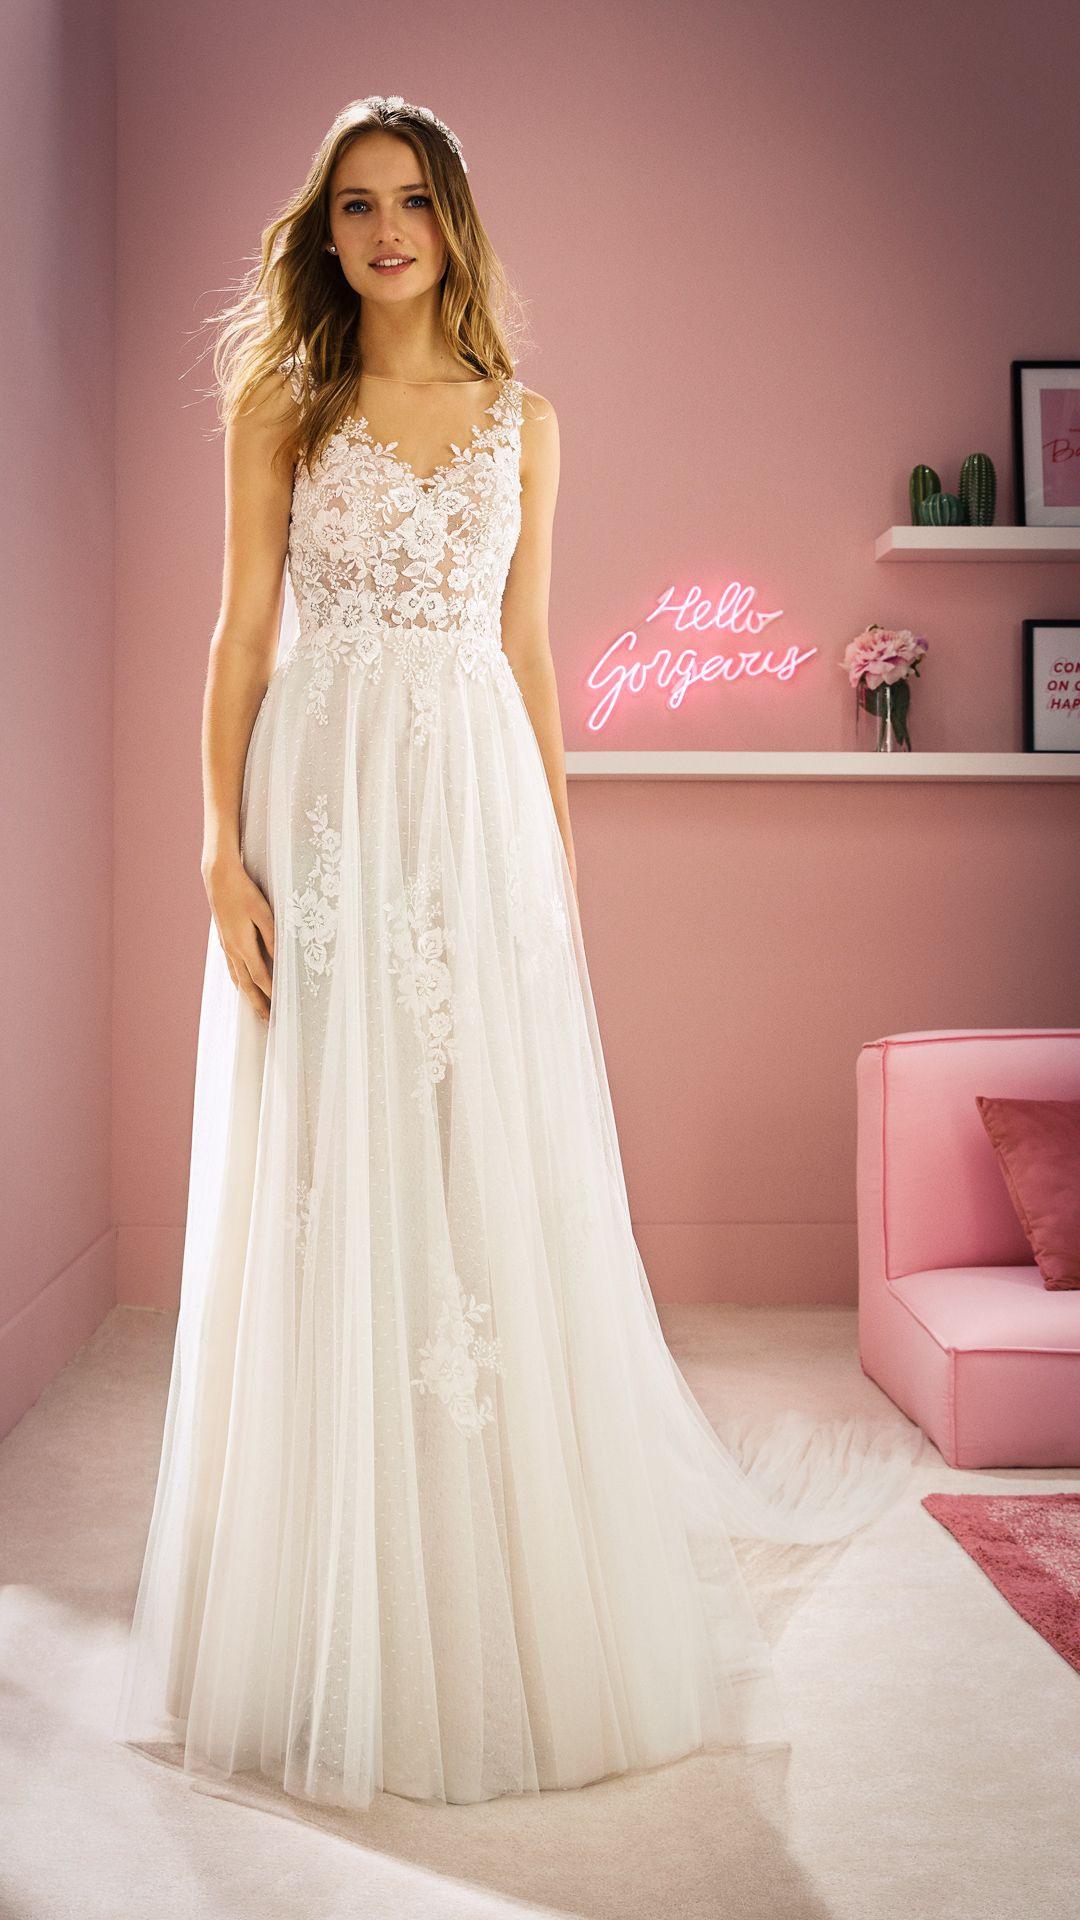 Abend Erstaunlich Hochzeitskleider Boutique13 Schön Hochzeitskleider Bester Preis